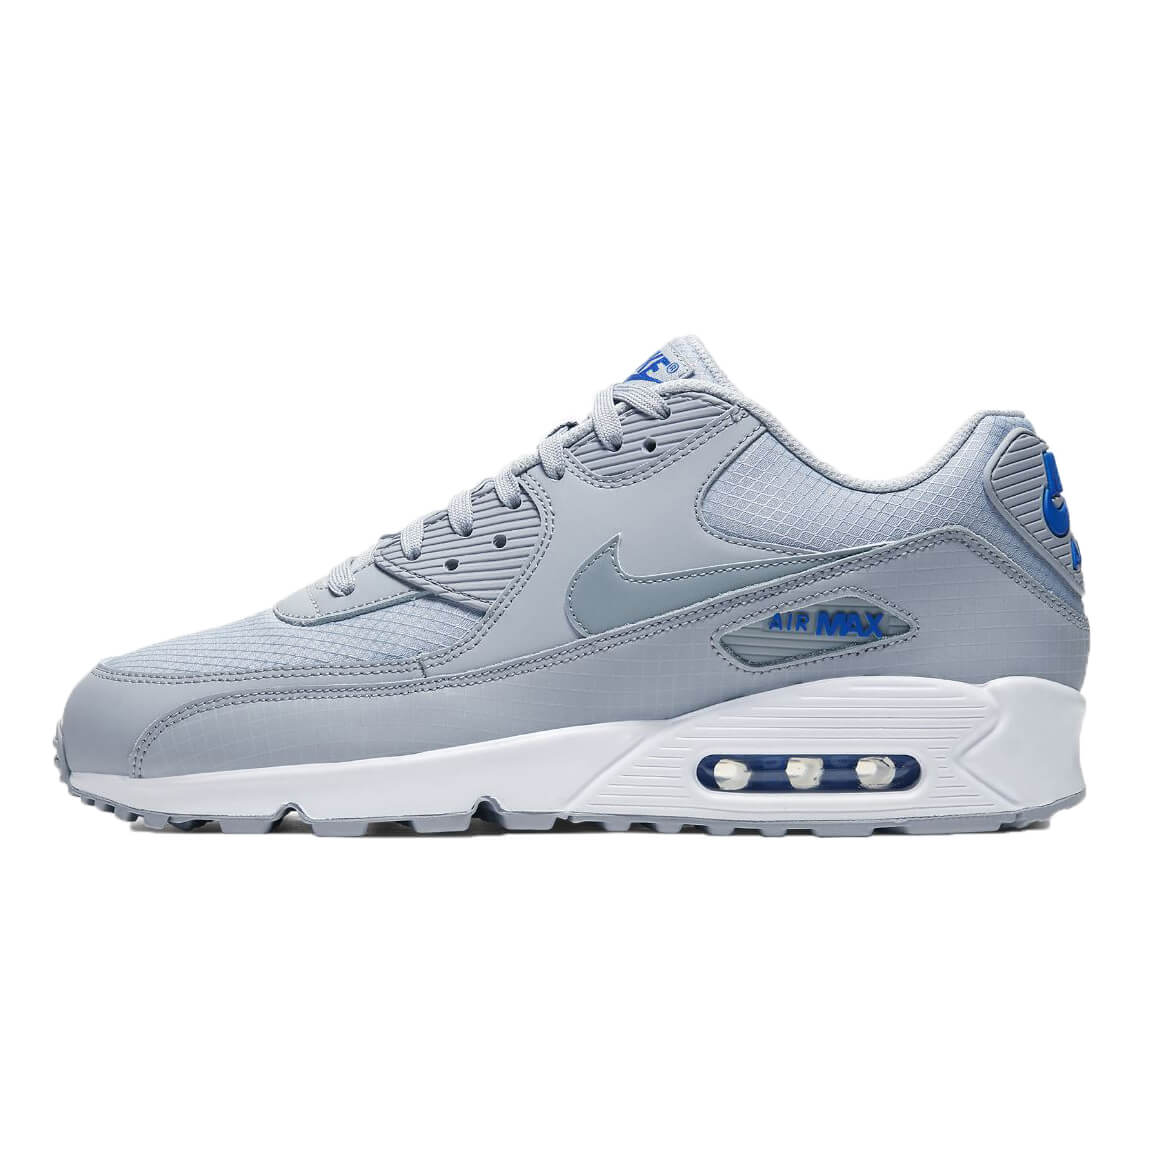 nike air max 90 grijs blauw